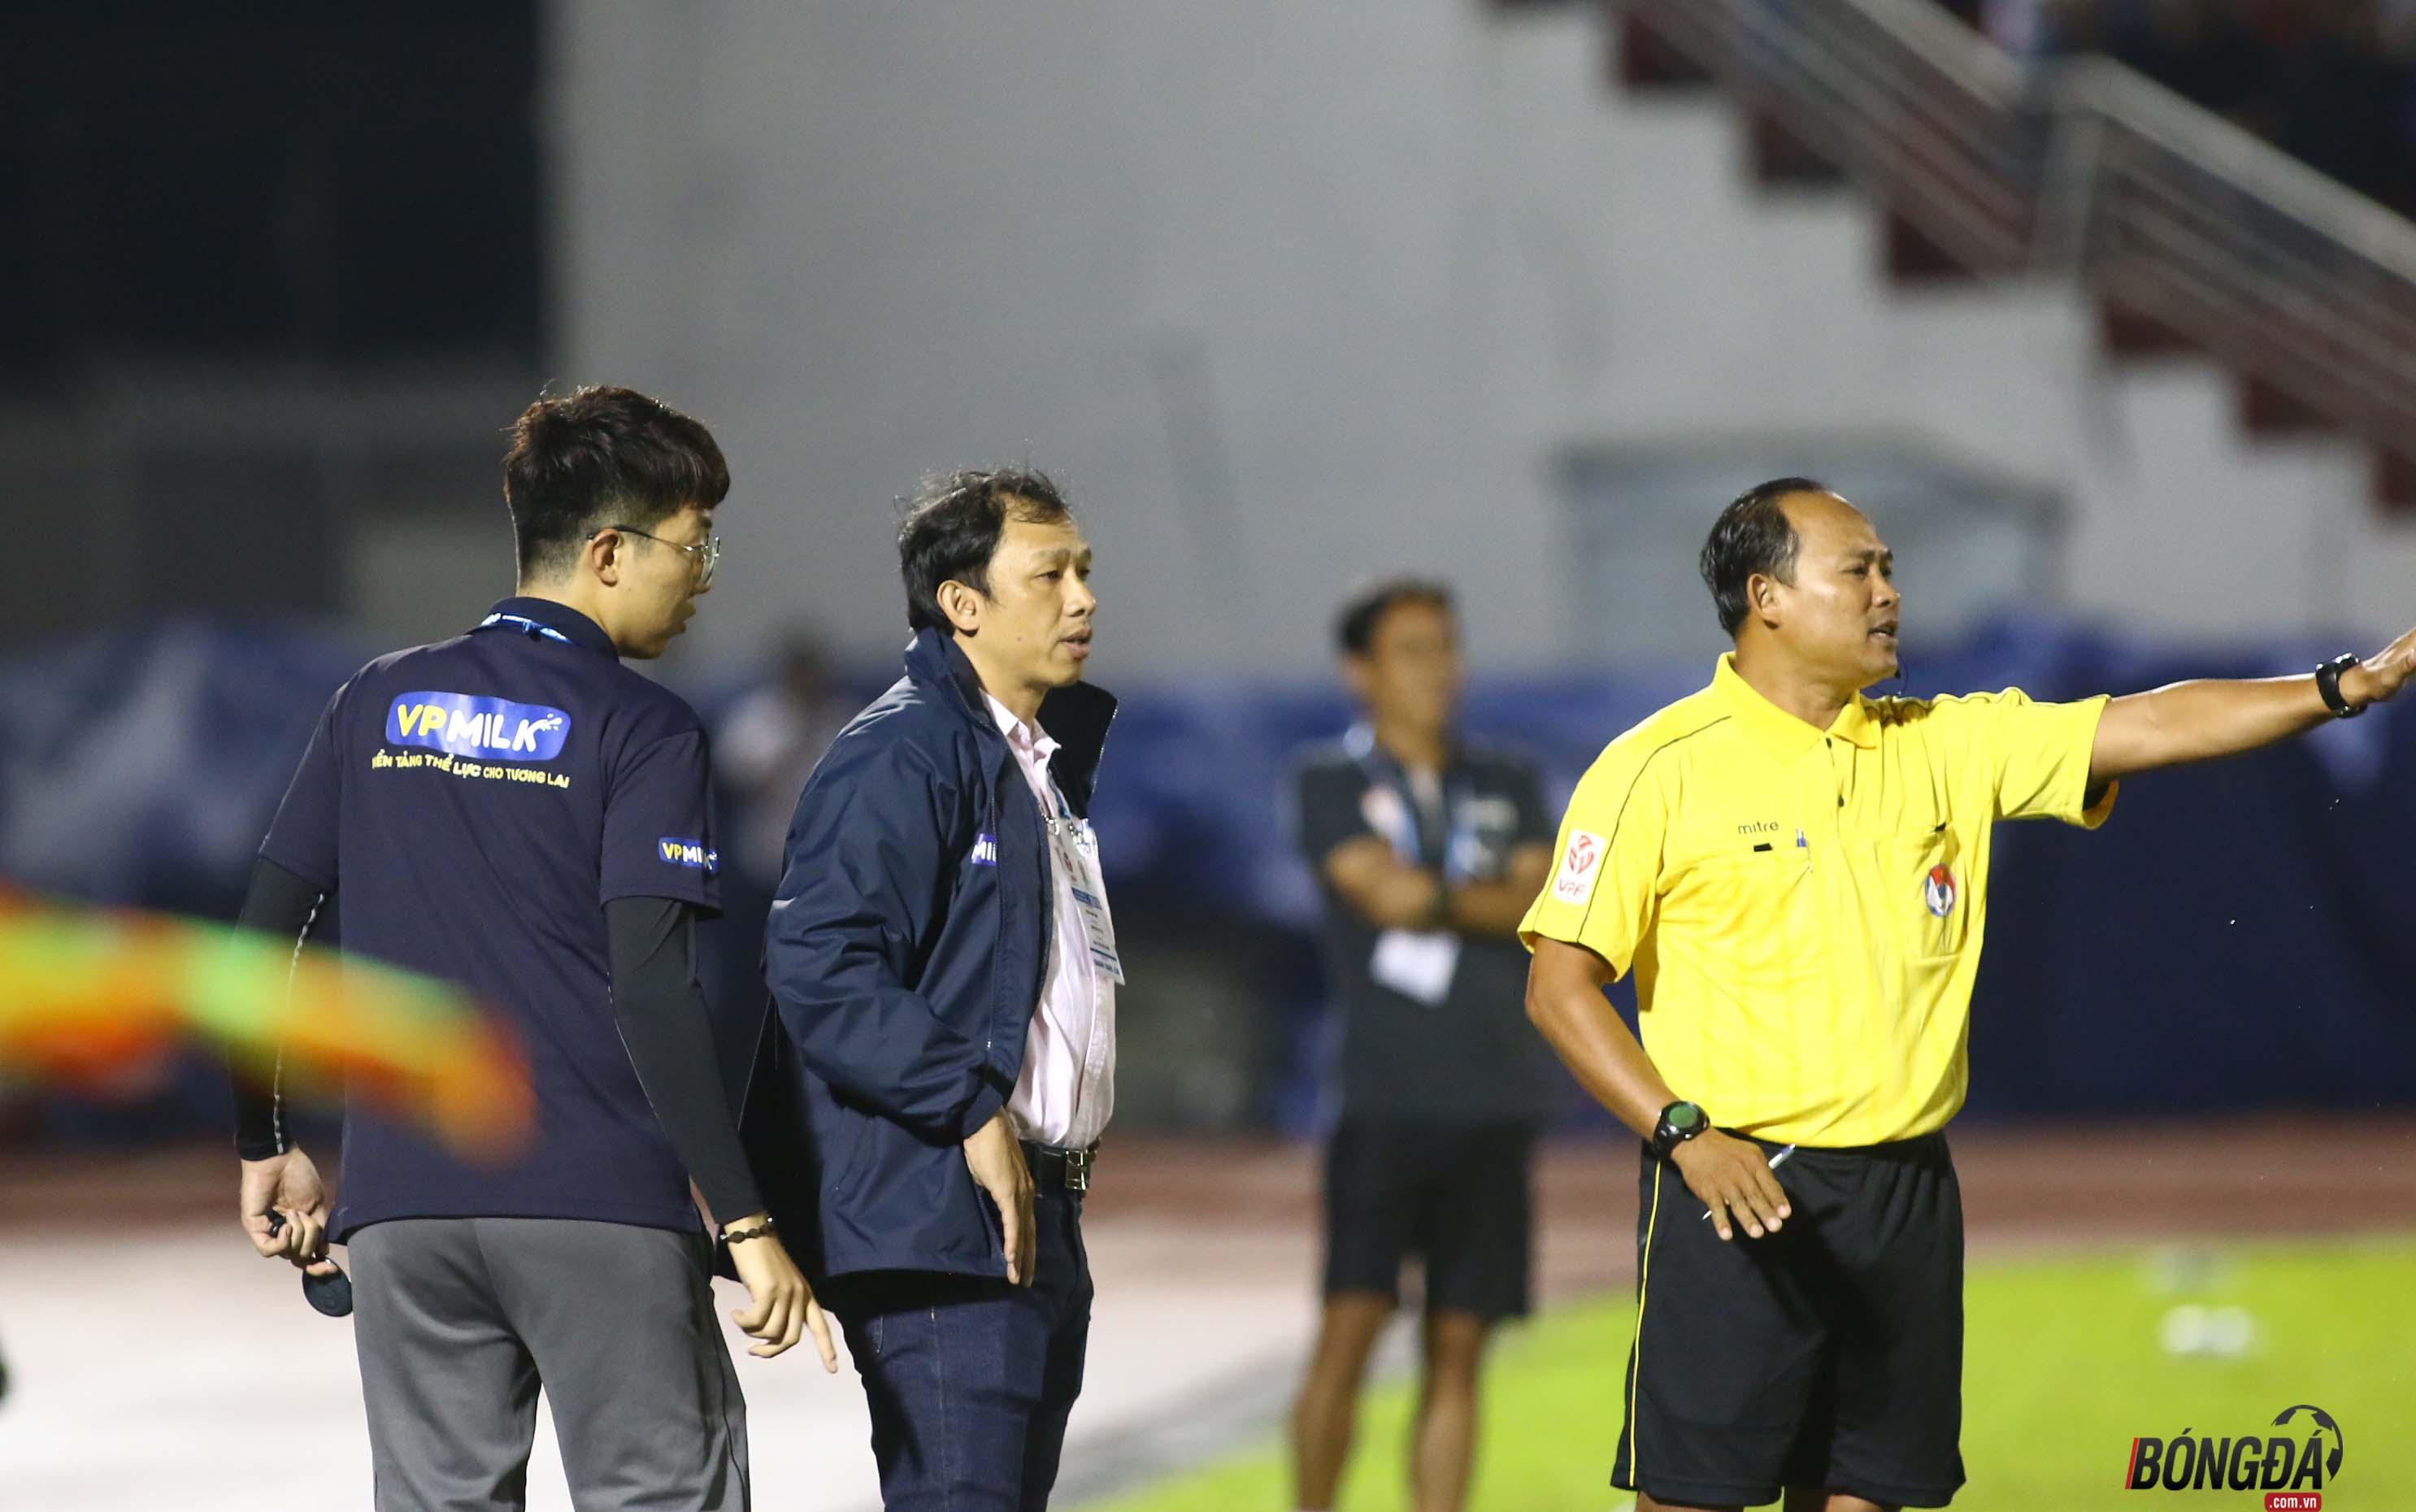 TRỰC TIẾP HAGL 0-0 Hà Nội FC (HIỆP 1): Công Phượng đối đầu Quang Hải - Bóng Đá